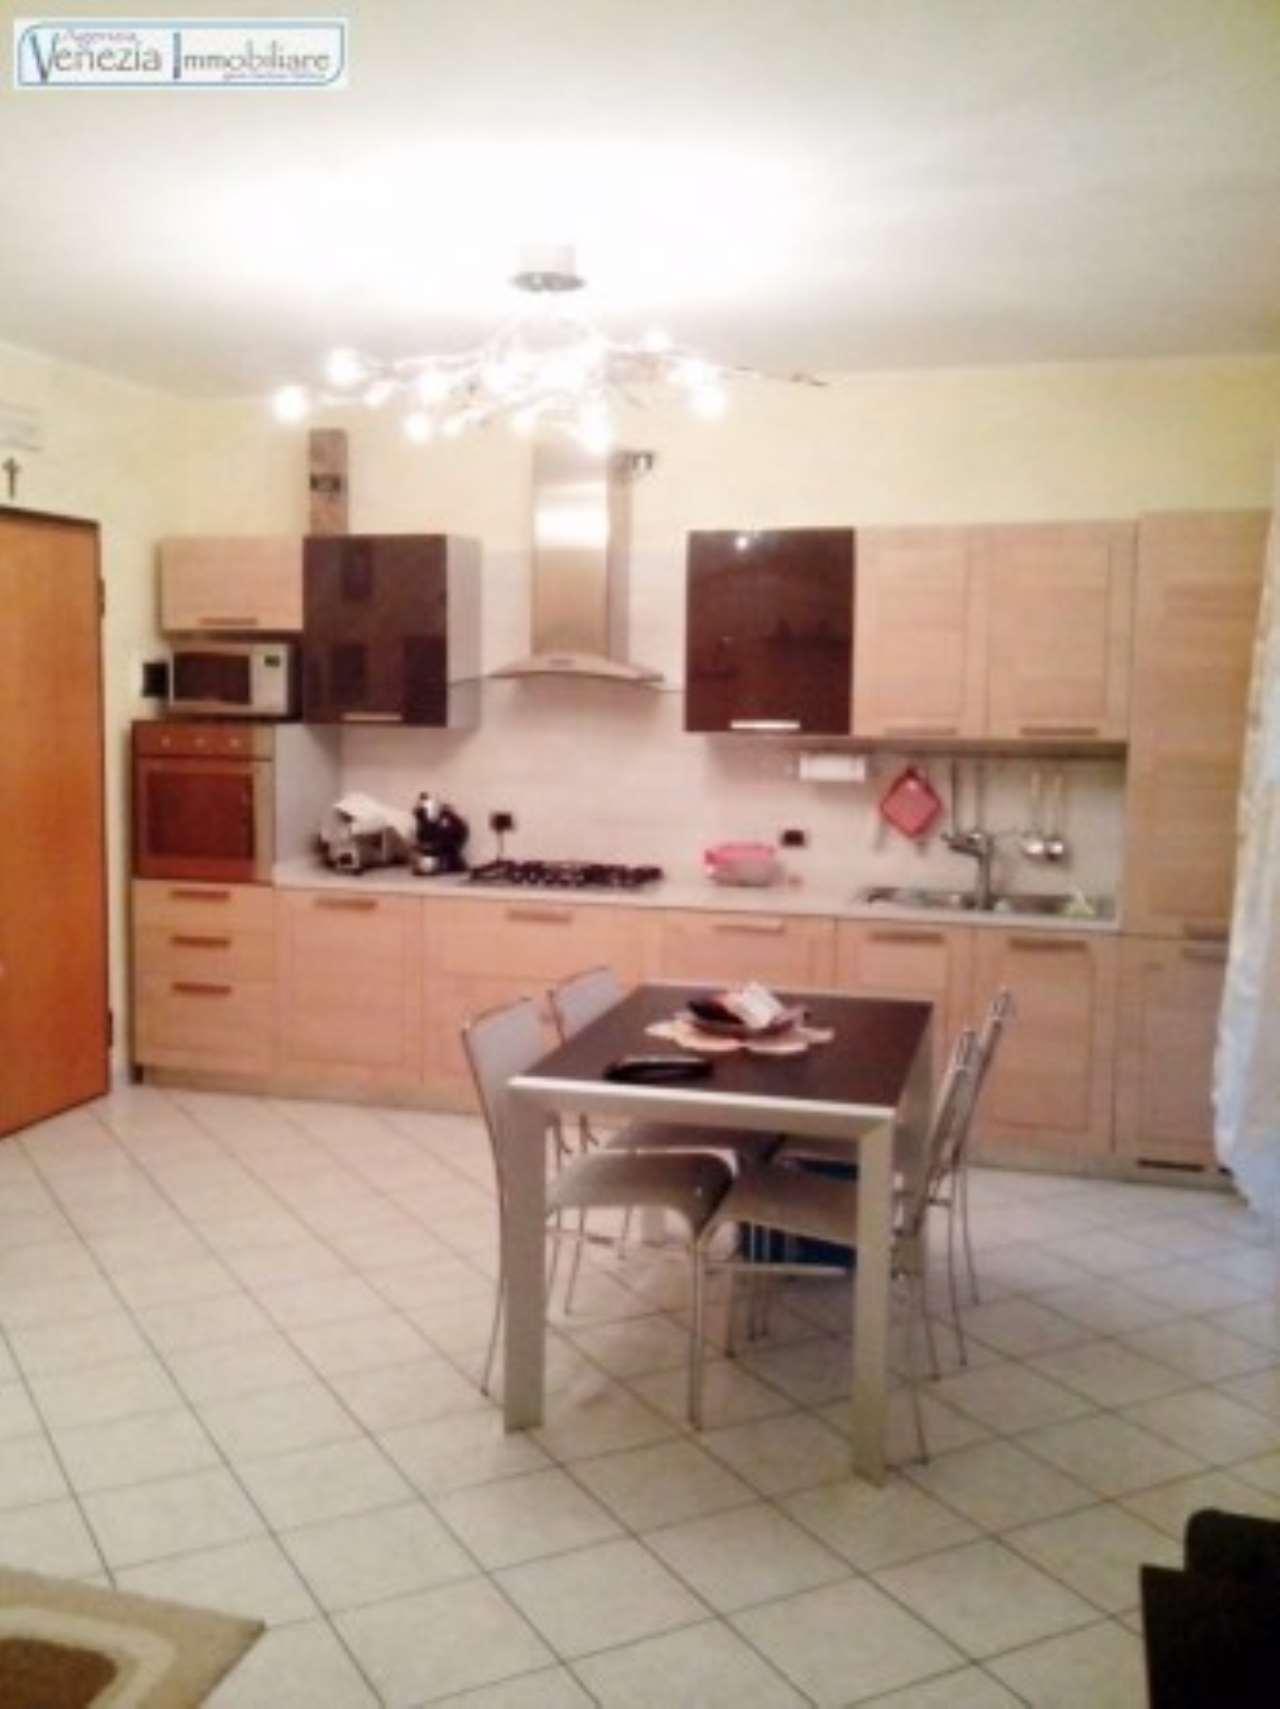 Appartamento in vendita a Codevigo, 3 locali, prezzo € 100.000 | CambioCasa.it